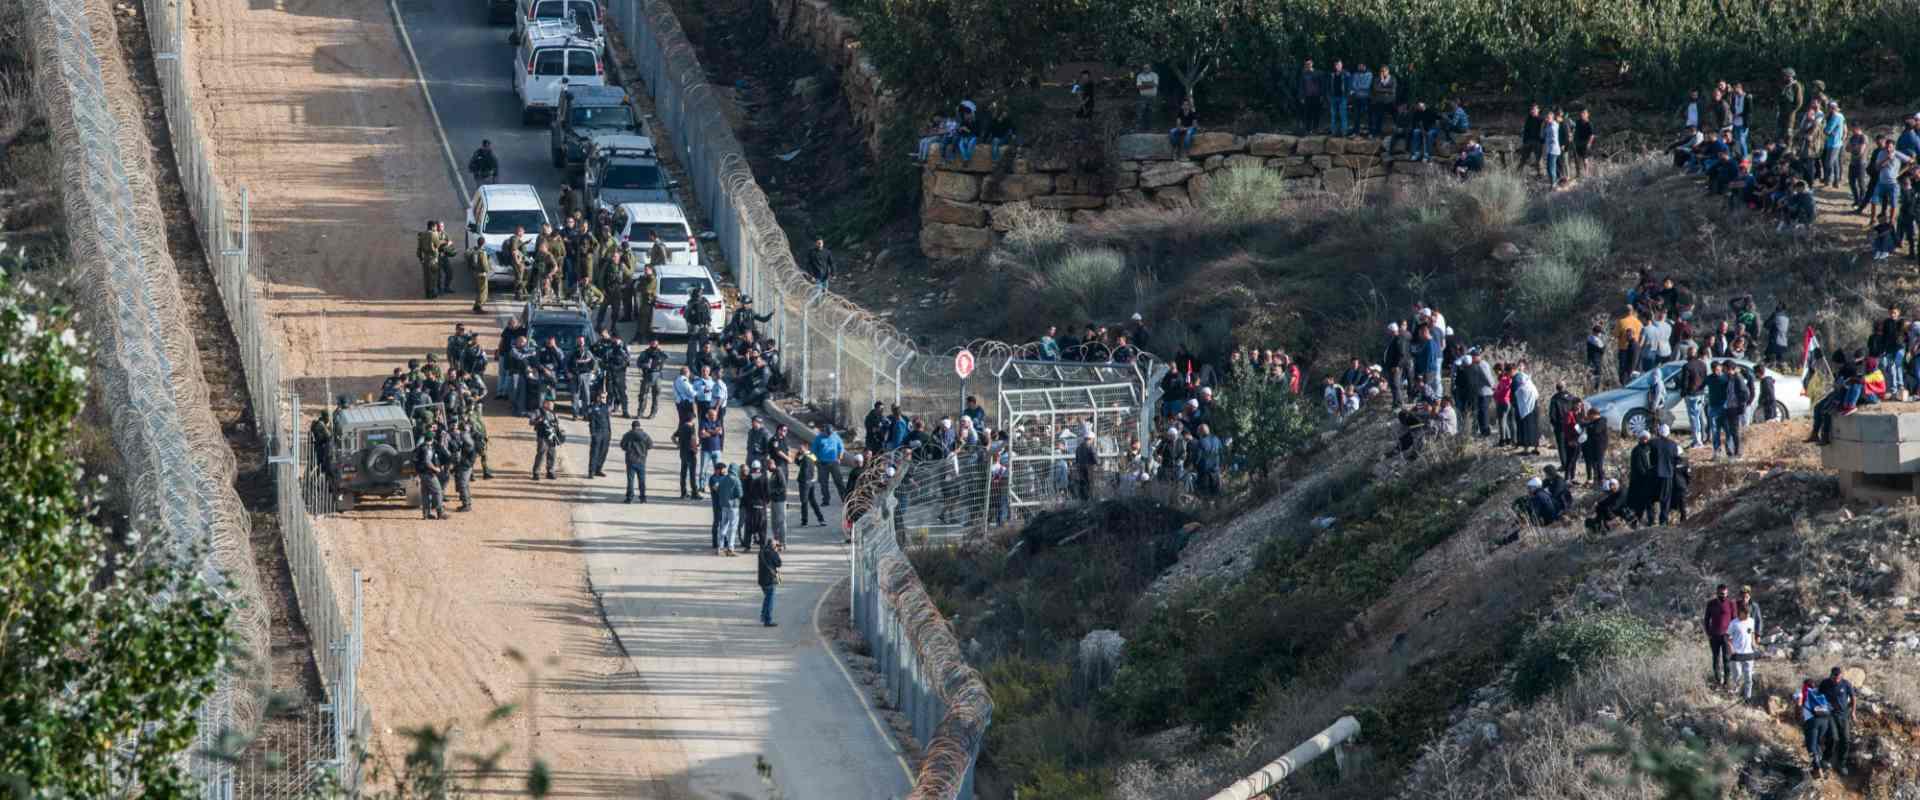 דרוזים חוצים את גדר הגבול עם סוריה